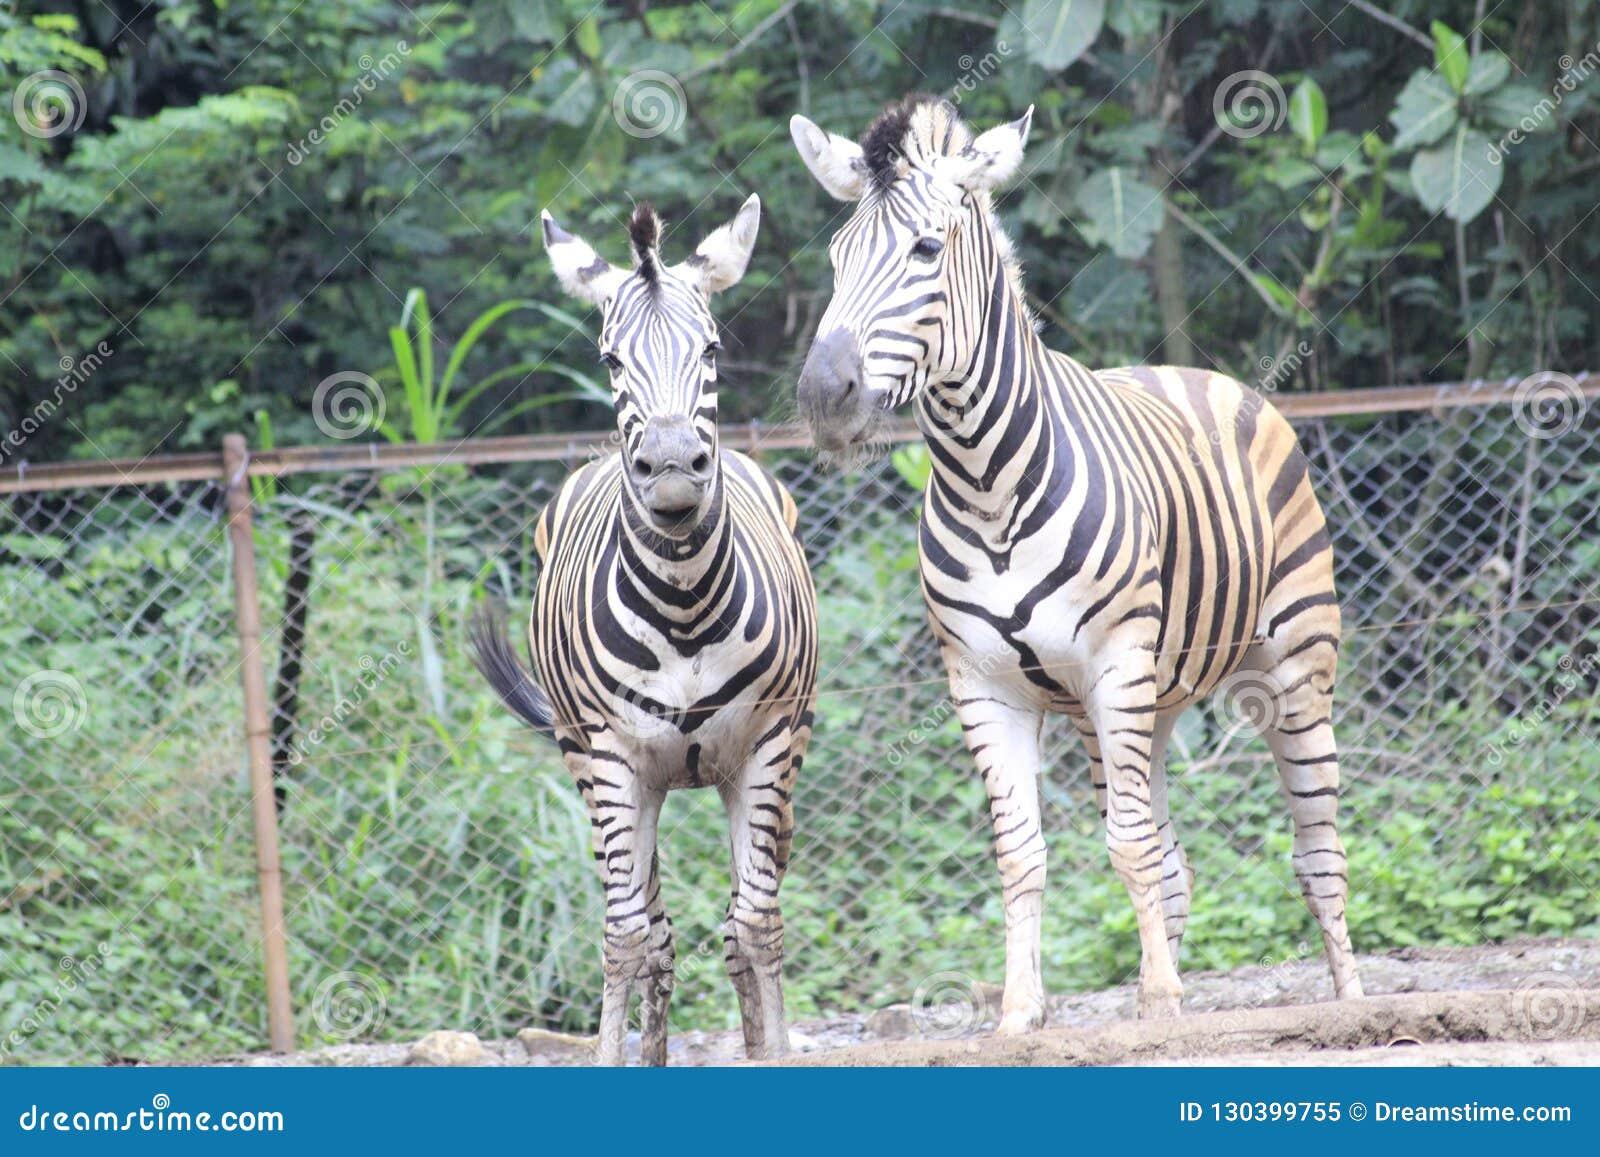 Με ραβδώσεις στο ζωολογικό κήπο Bandung Ινδονησία 2